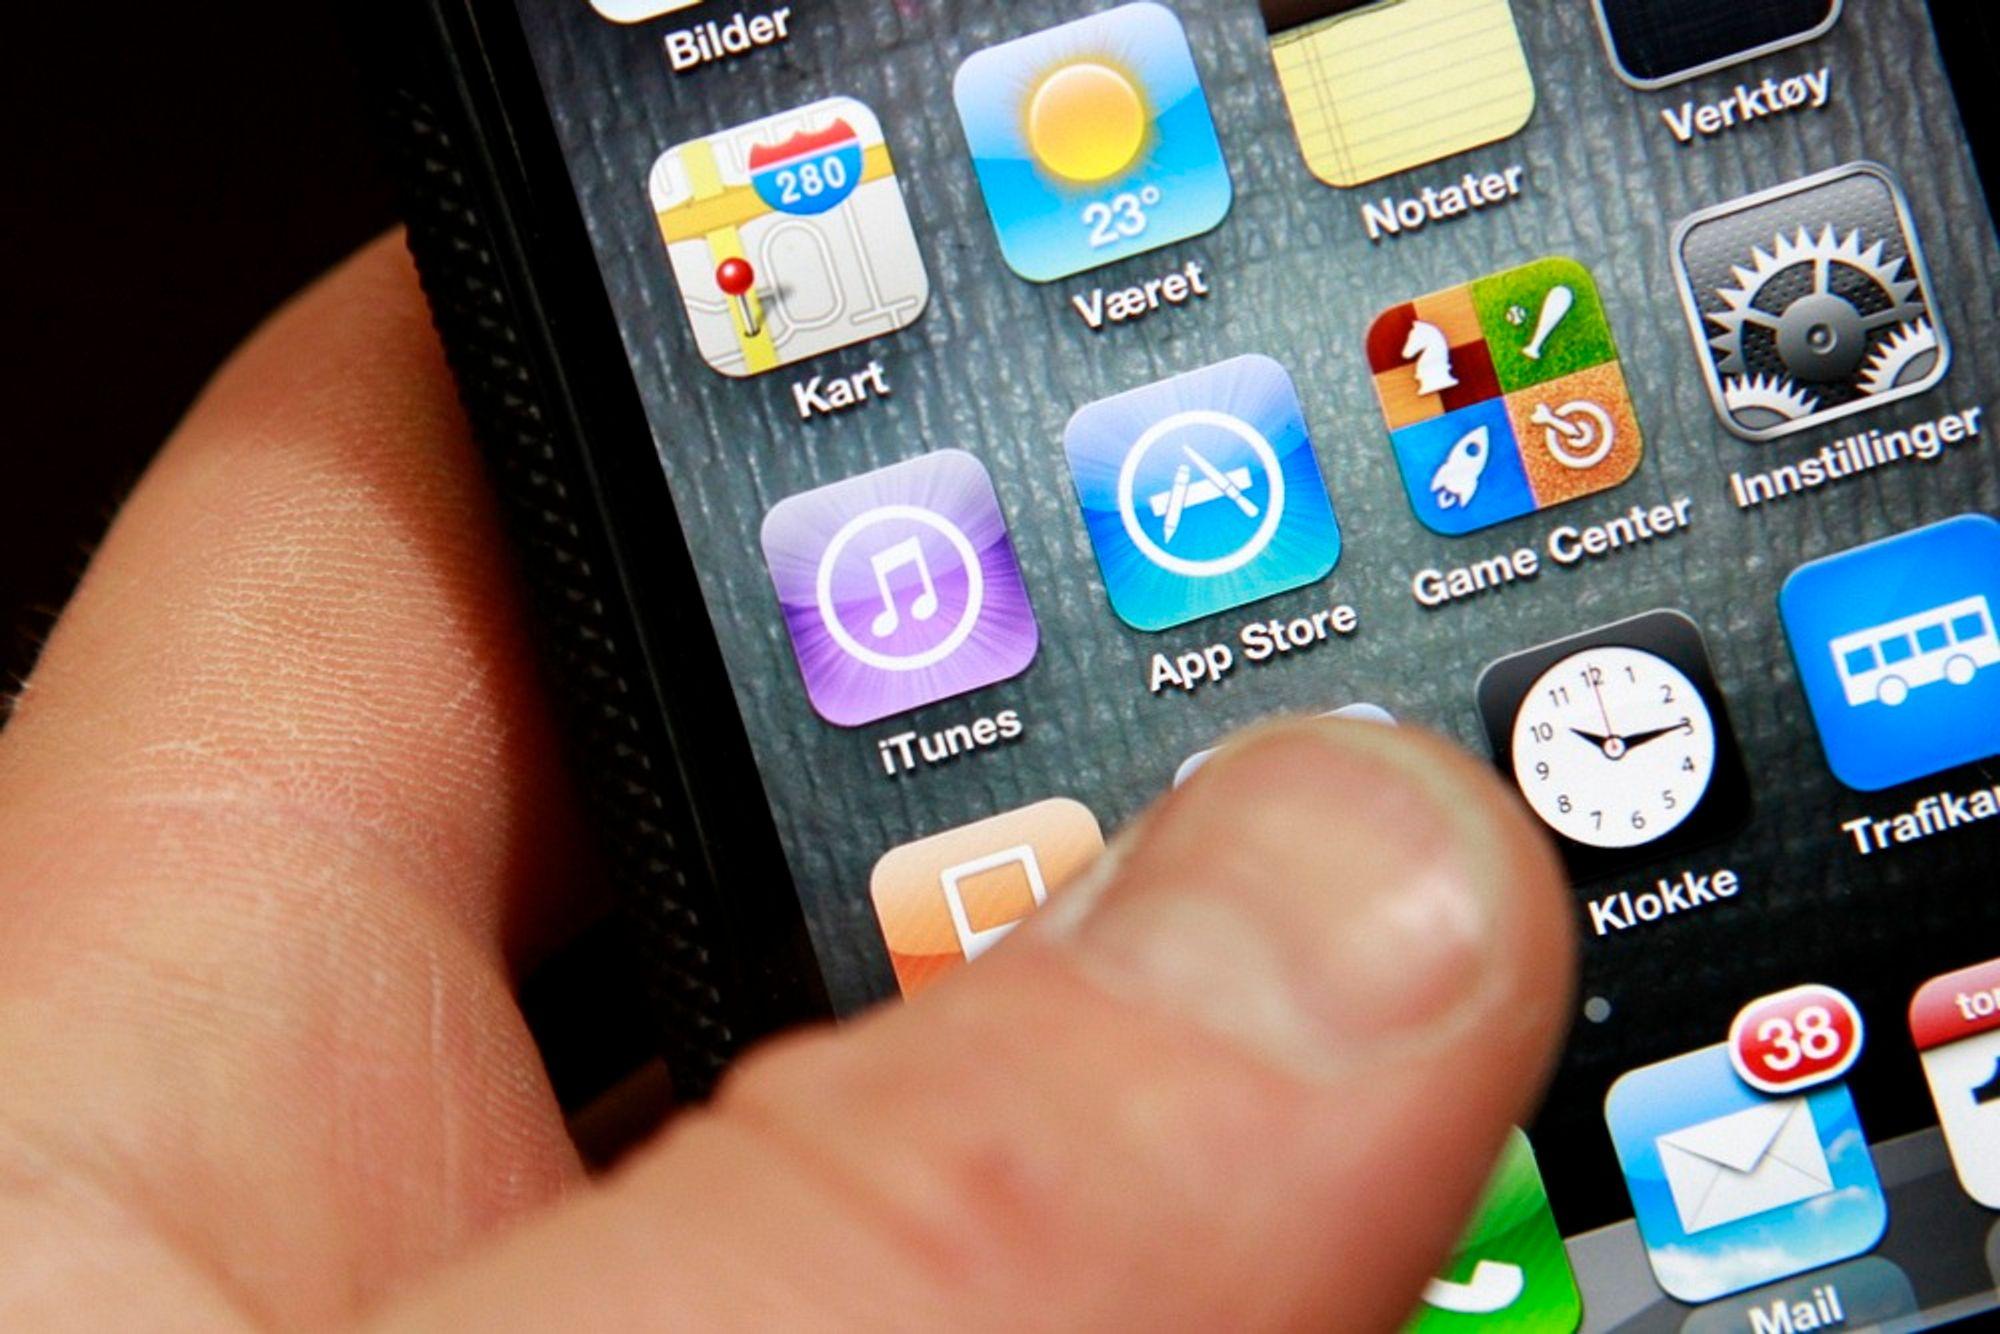 TALEGJENKJENNING: Apple har gjort talegjenkjenning til allemannseie. Nå vil norske forskere ta teknologien et skritt videre.